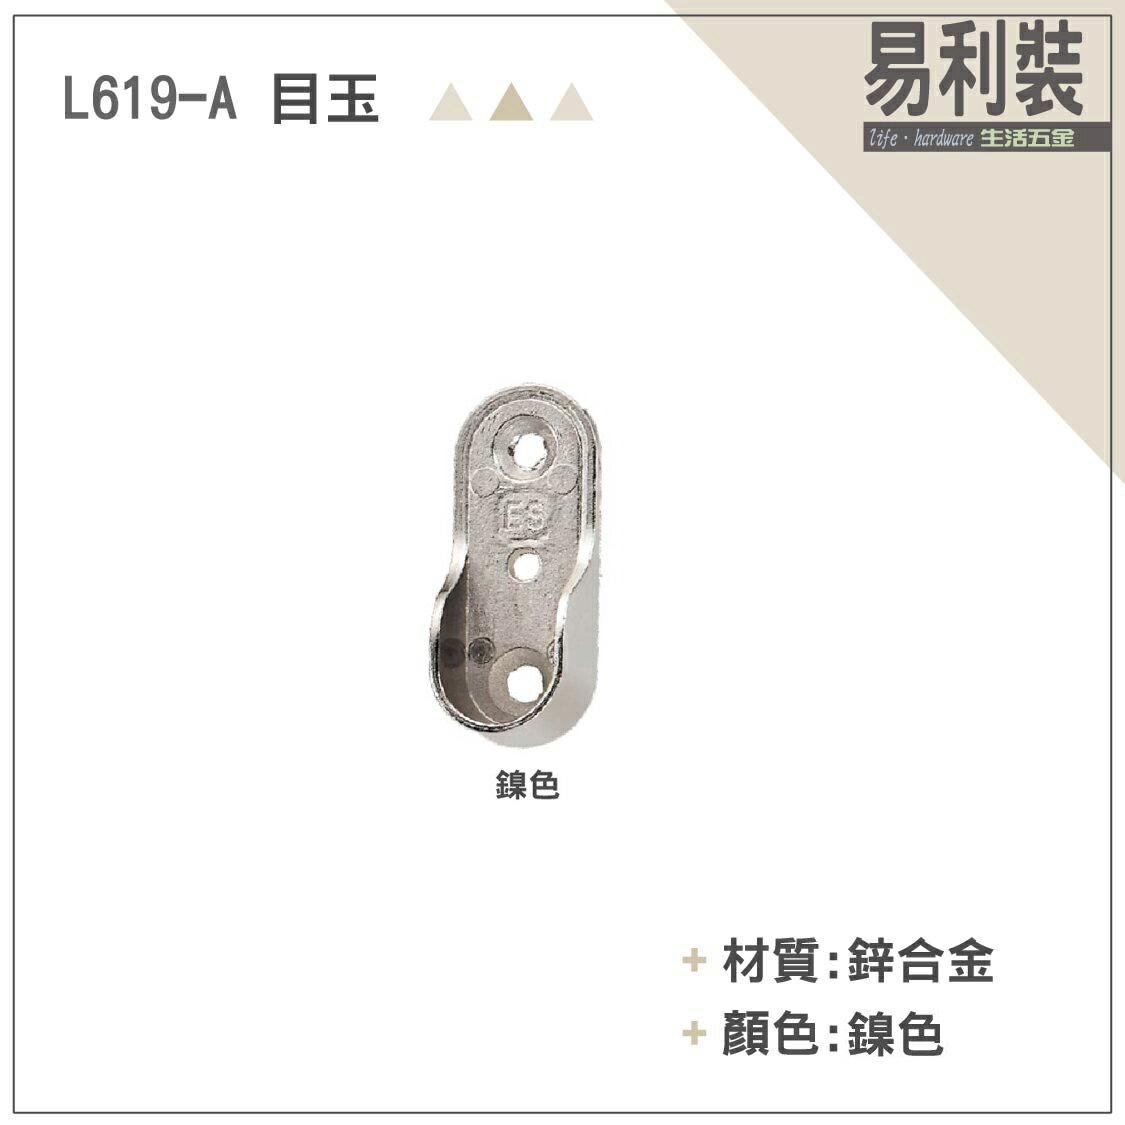 【 EASYCAN 】L619A 目玉1包10顆裝 易利裝生活五金 管頭 中通 掛衣桿 掛衣架